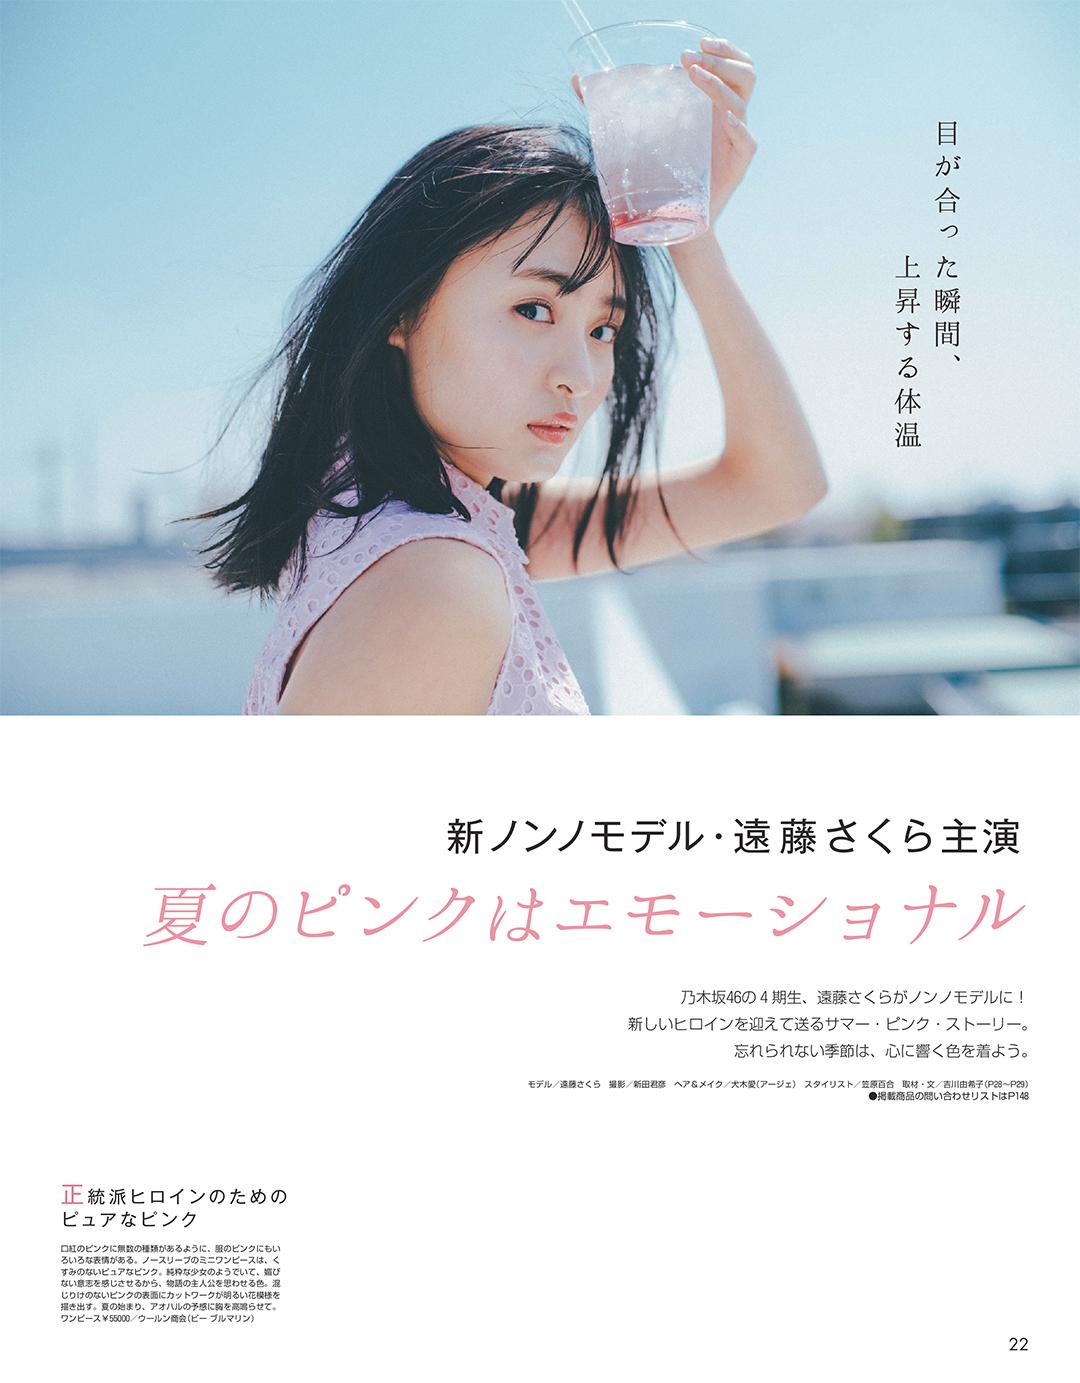 遠藤さくら主演「夏のピンクはエモーショナル」